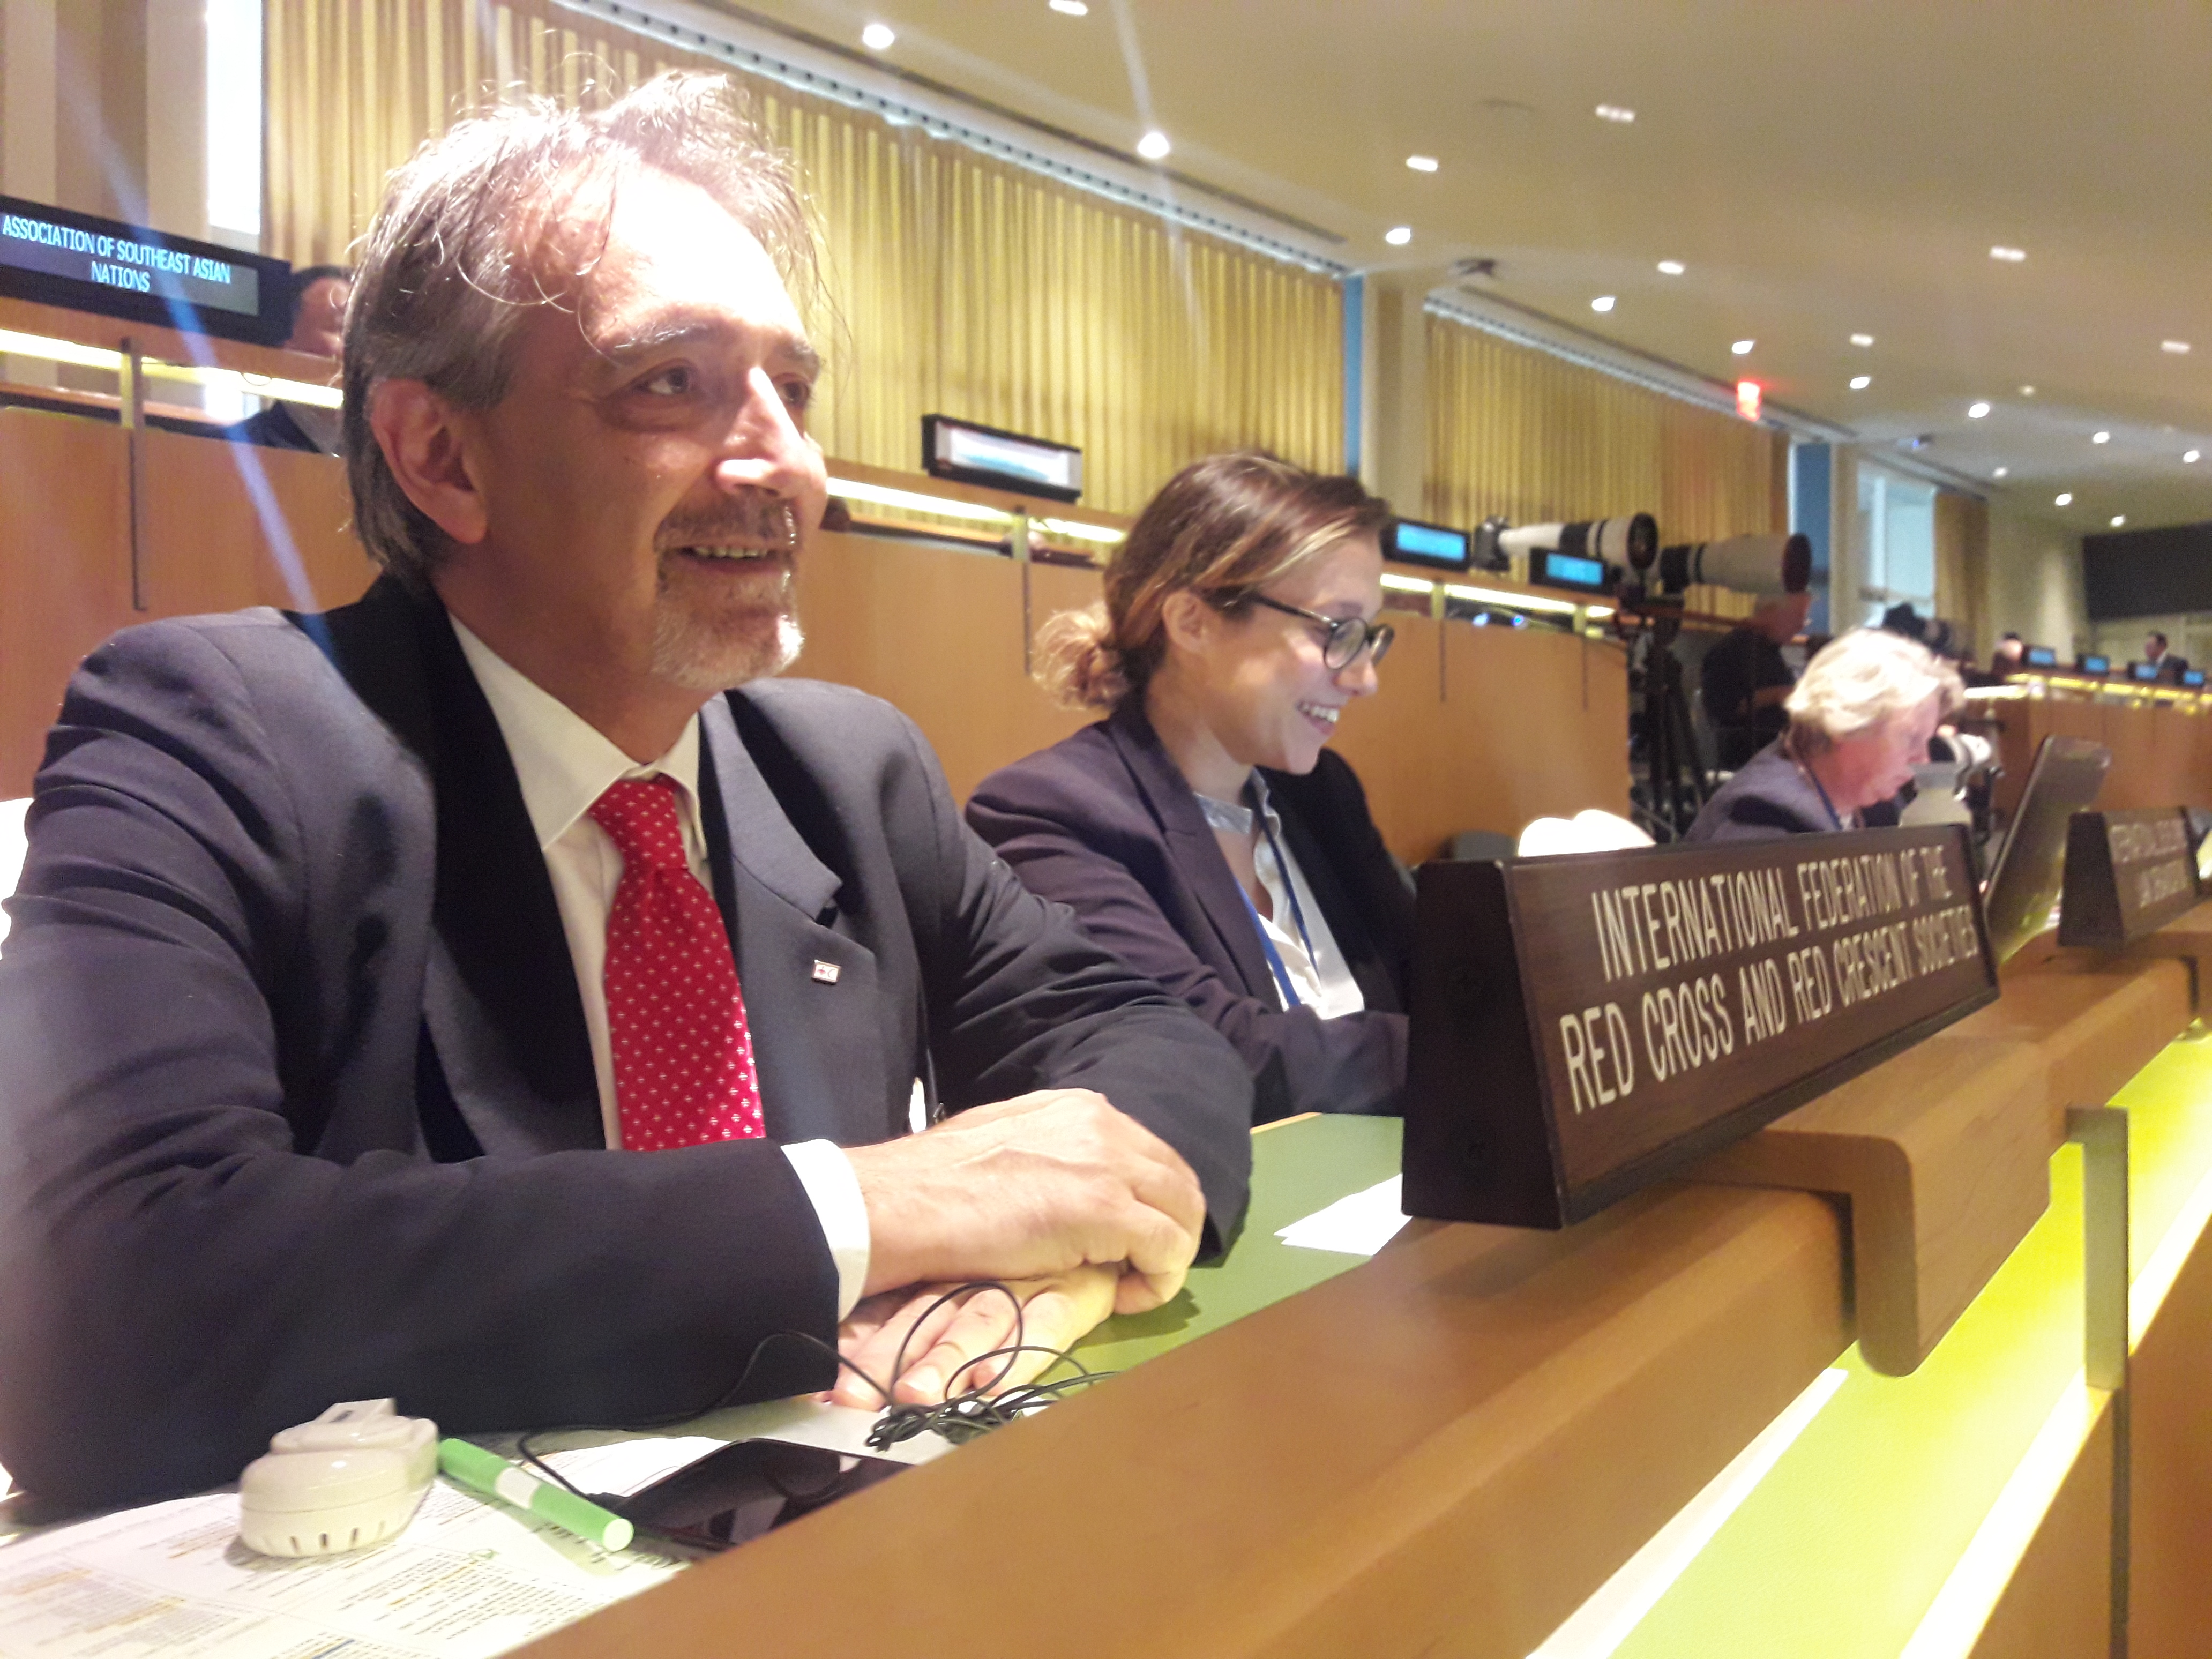 La Croce Rossa alla 73° Assemblea Generale delle Nazioni Unite. Tra i temi affrontati Medio Oriente, rifugiati, diritti umani, tubercolosi, droga